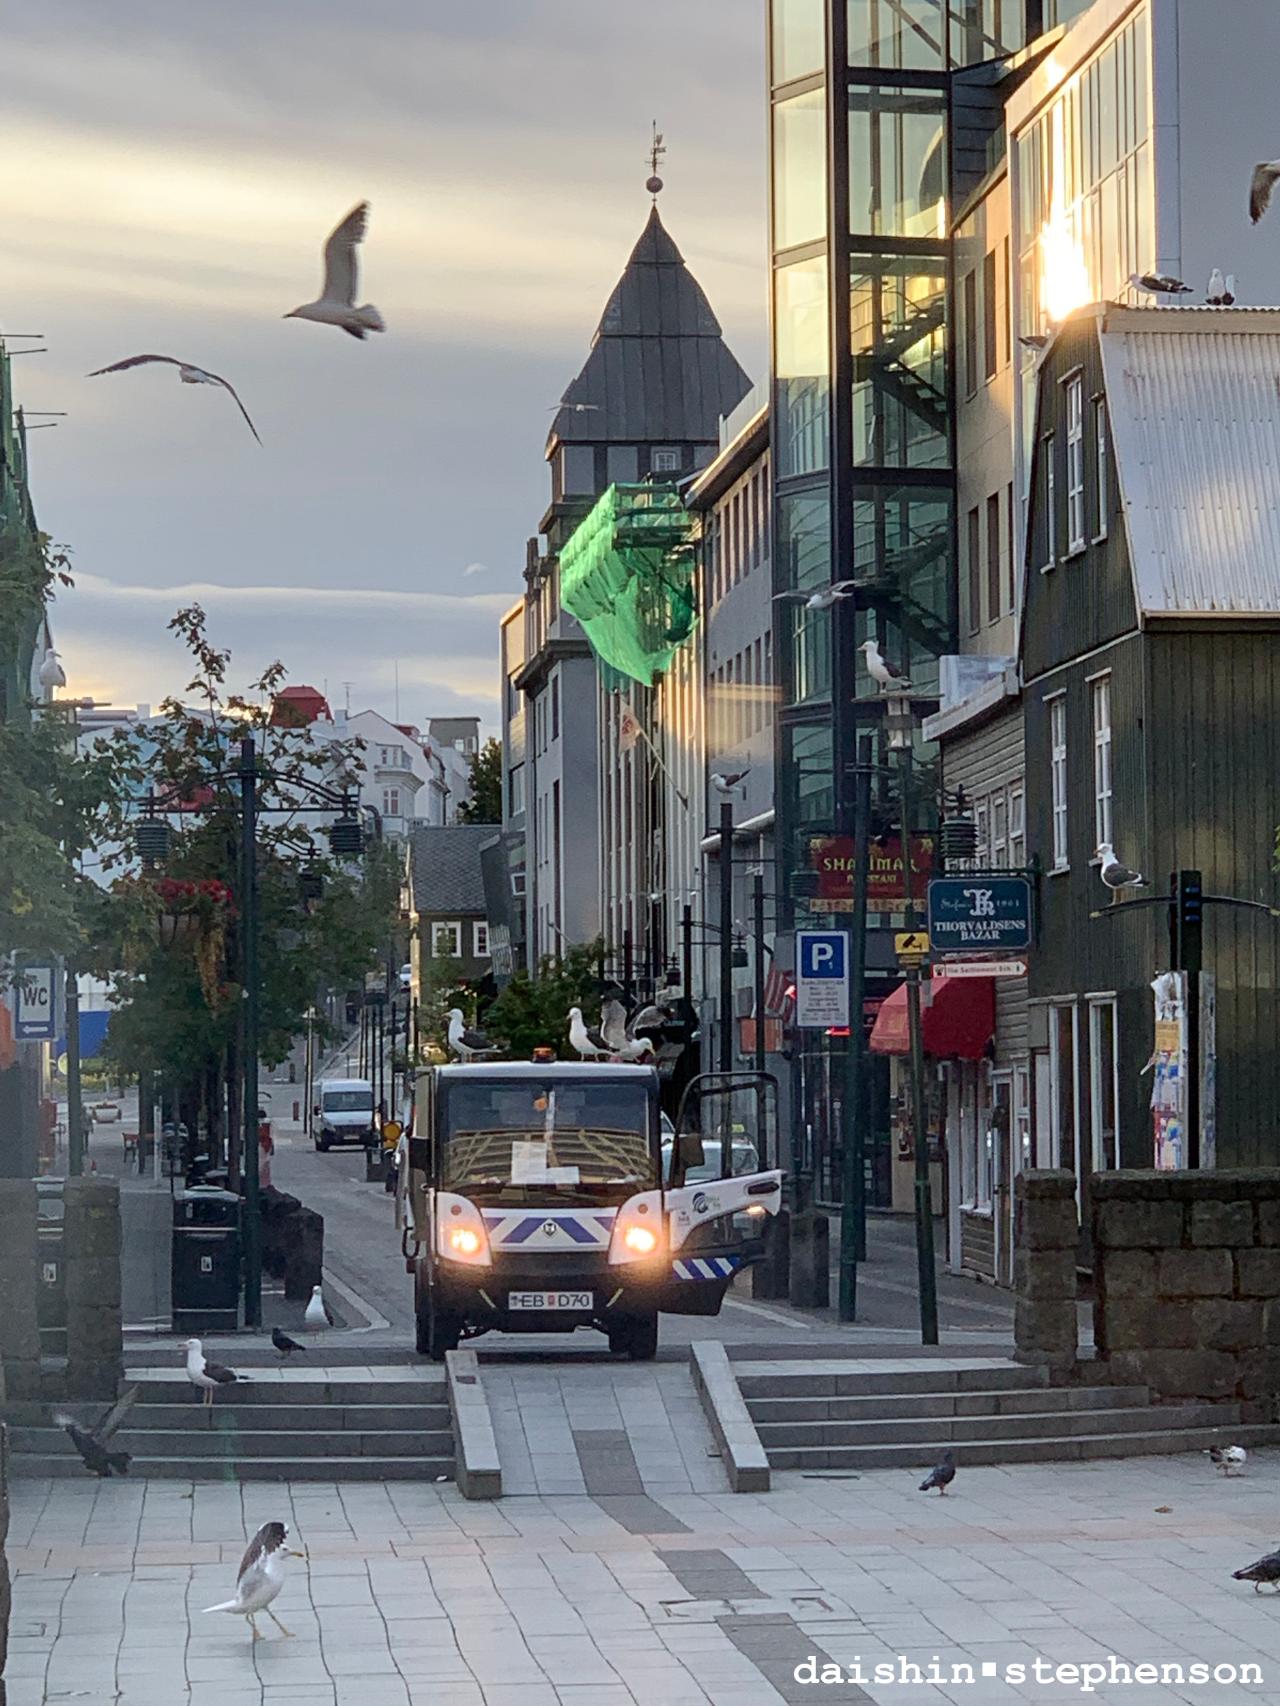 plaza square in reykjavik, iceland